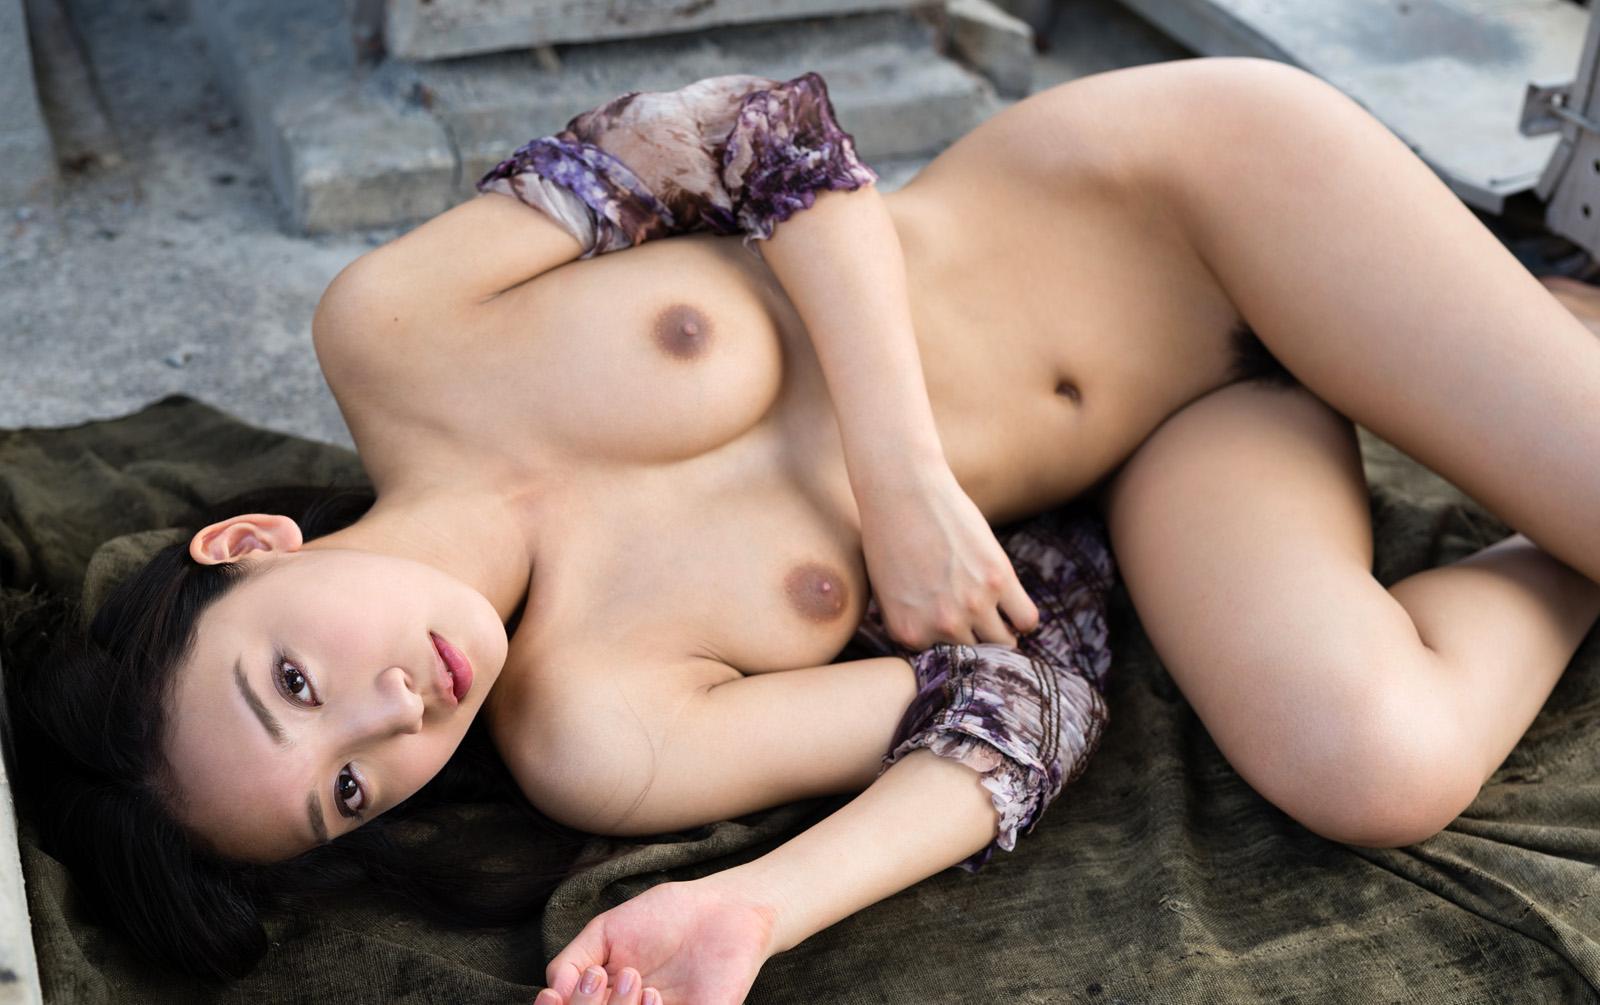 【ヌード】グラビアアイドルさん、ヌード解禁で色々晒すwwwwwwww(155枚)・10枚目